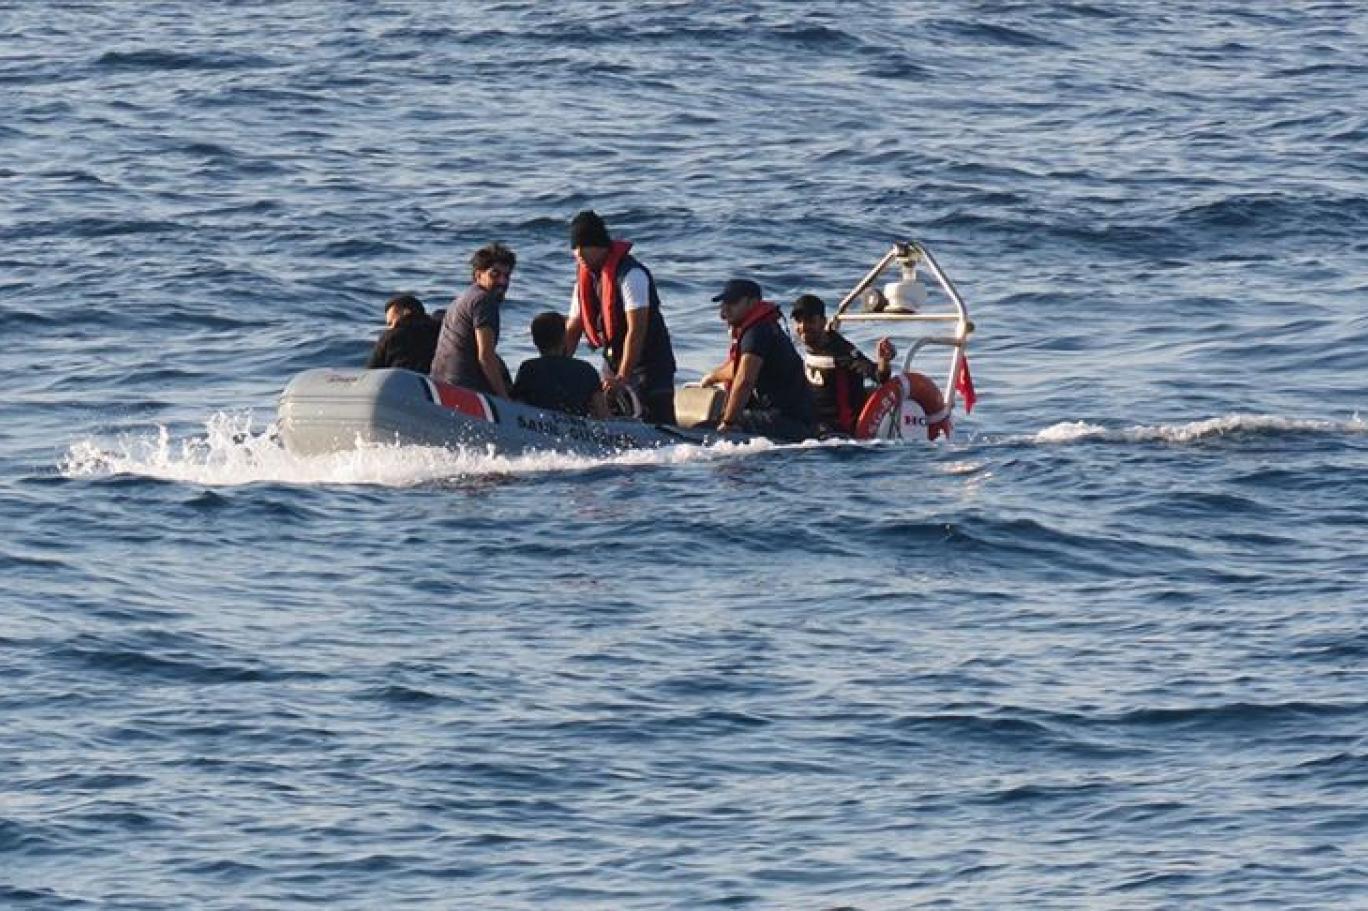 Yunanista'dan bir skandal daha! 42 göçmene yaptıkları ağızları açık bıraktı: Önce soydular, sonra dövüp Türkiye'ye yolladılar!